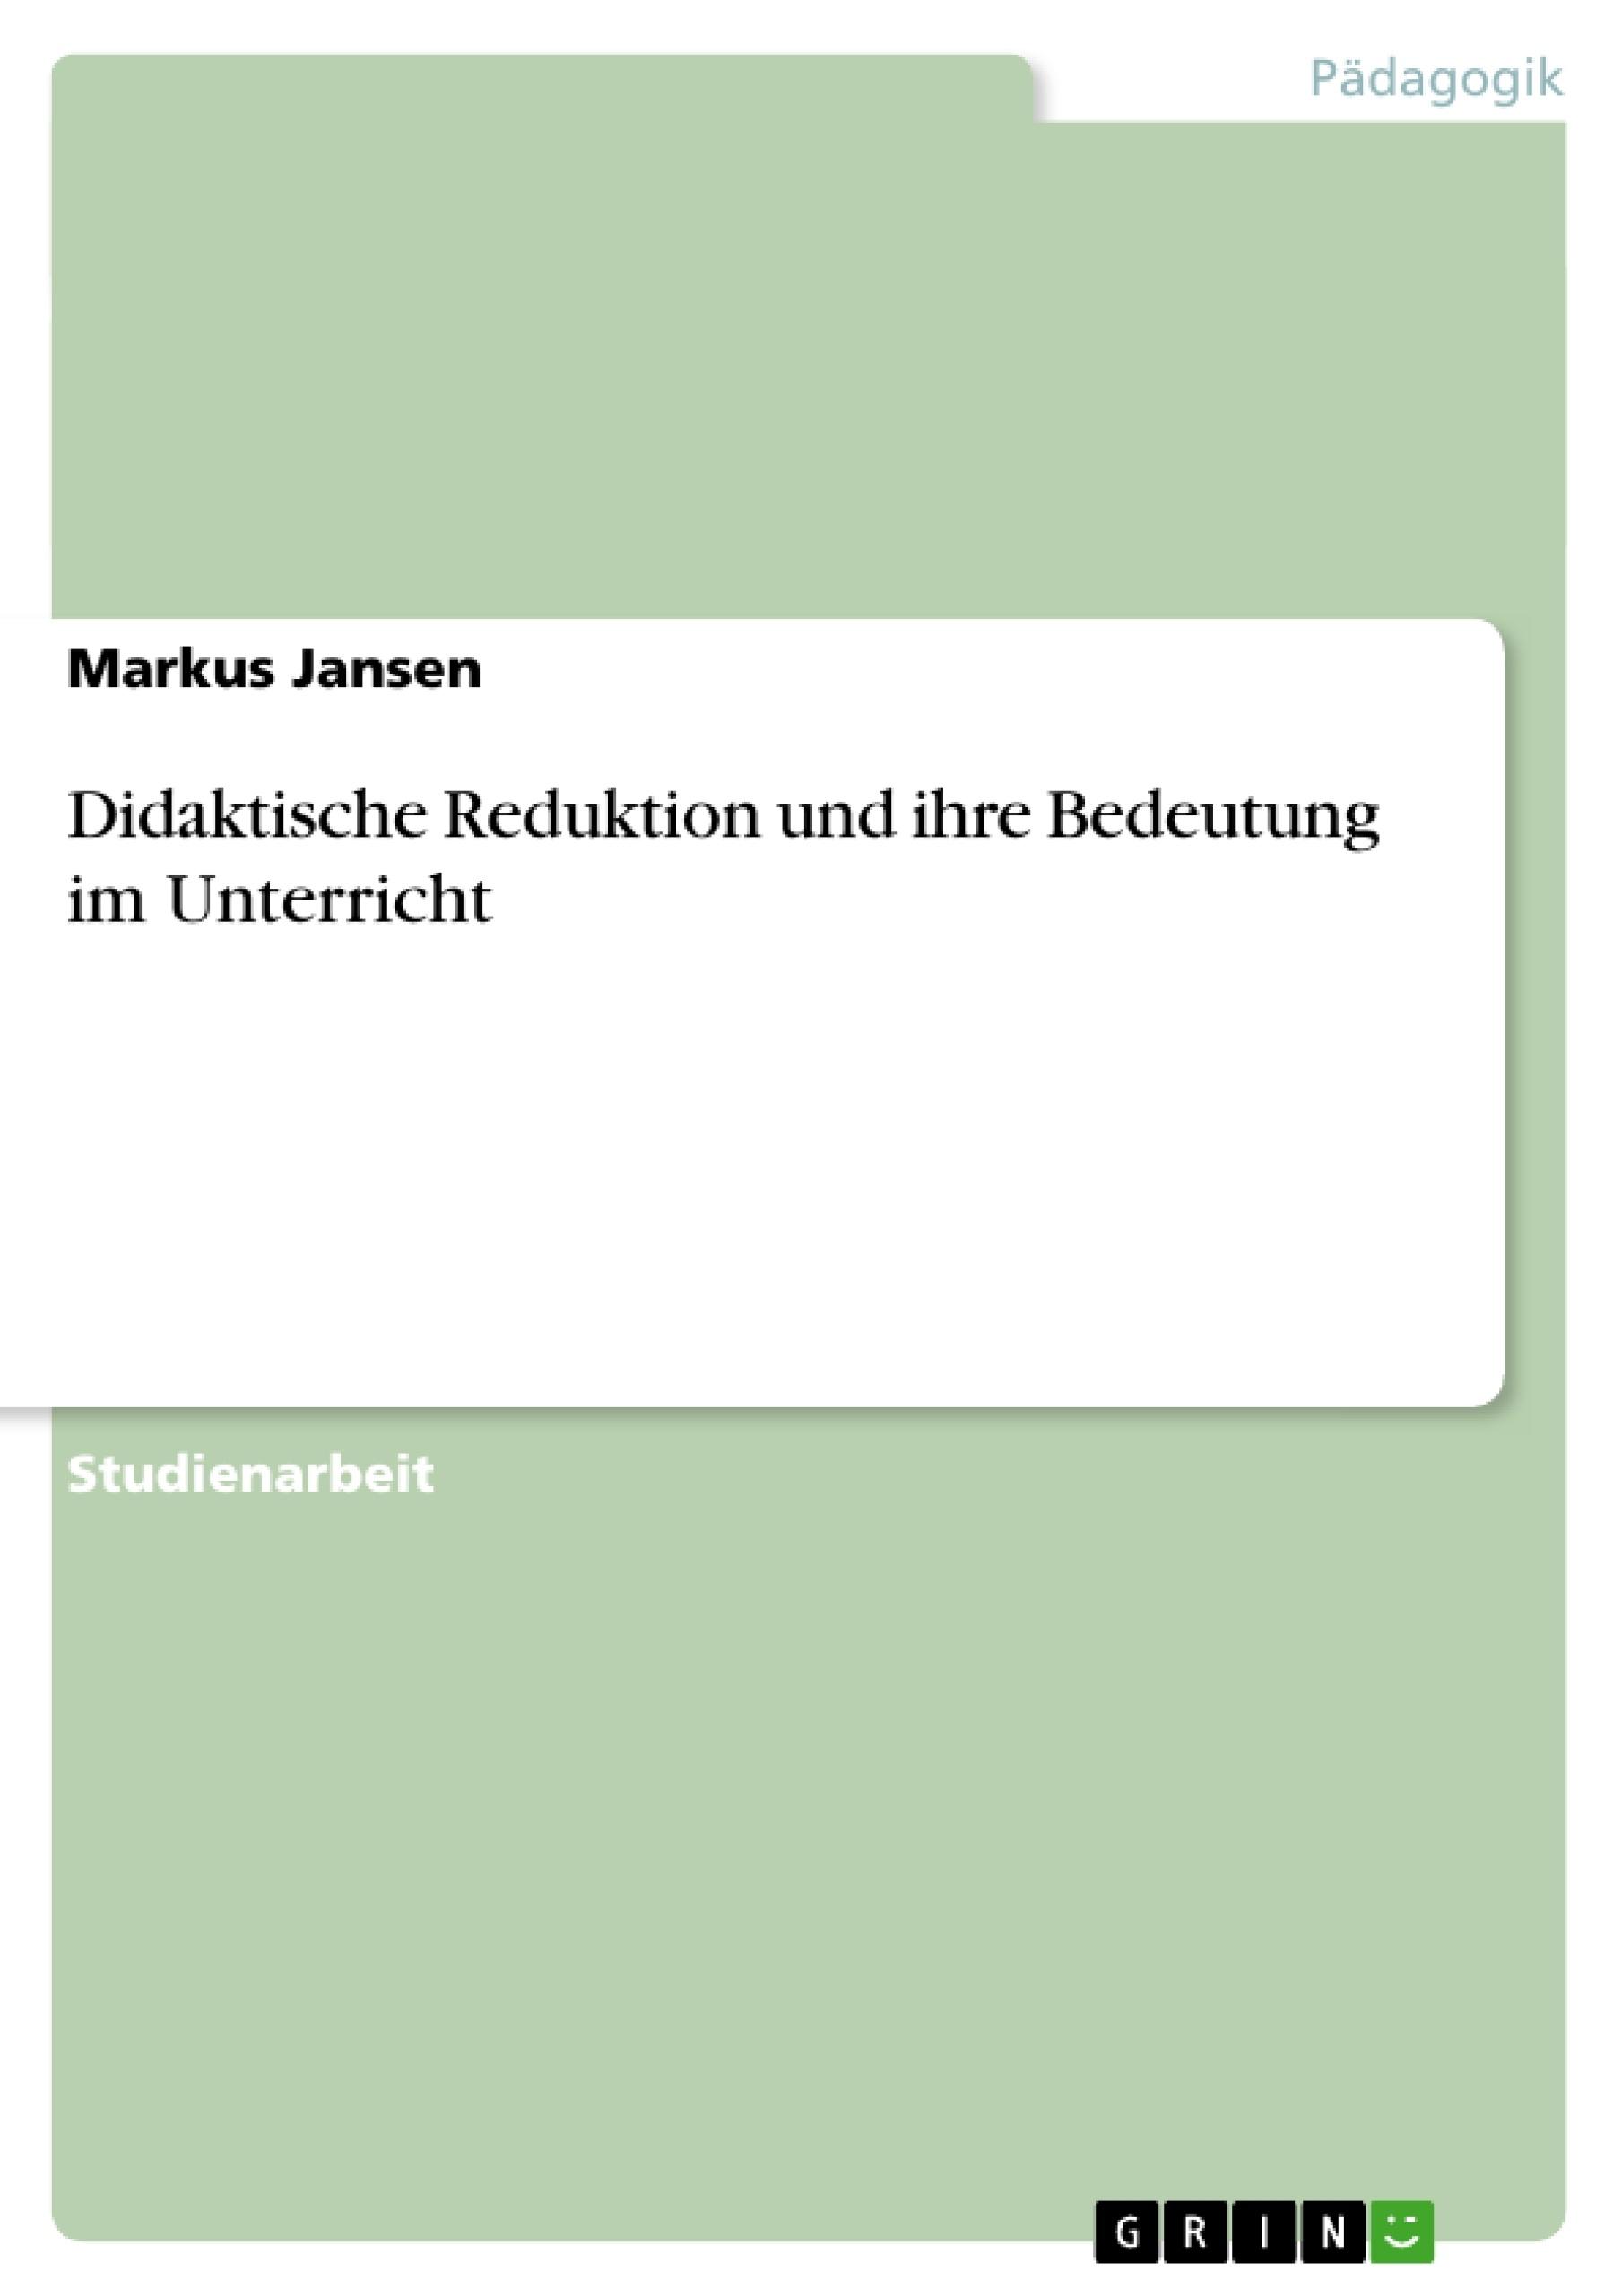 Titel: Didaktische Reduktion und ihre Bedeutung im Unterricht